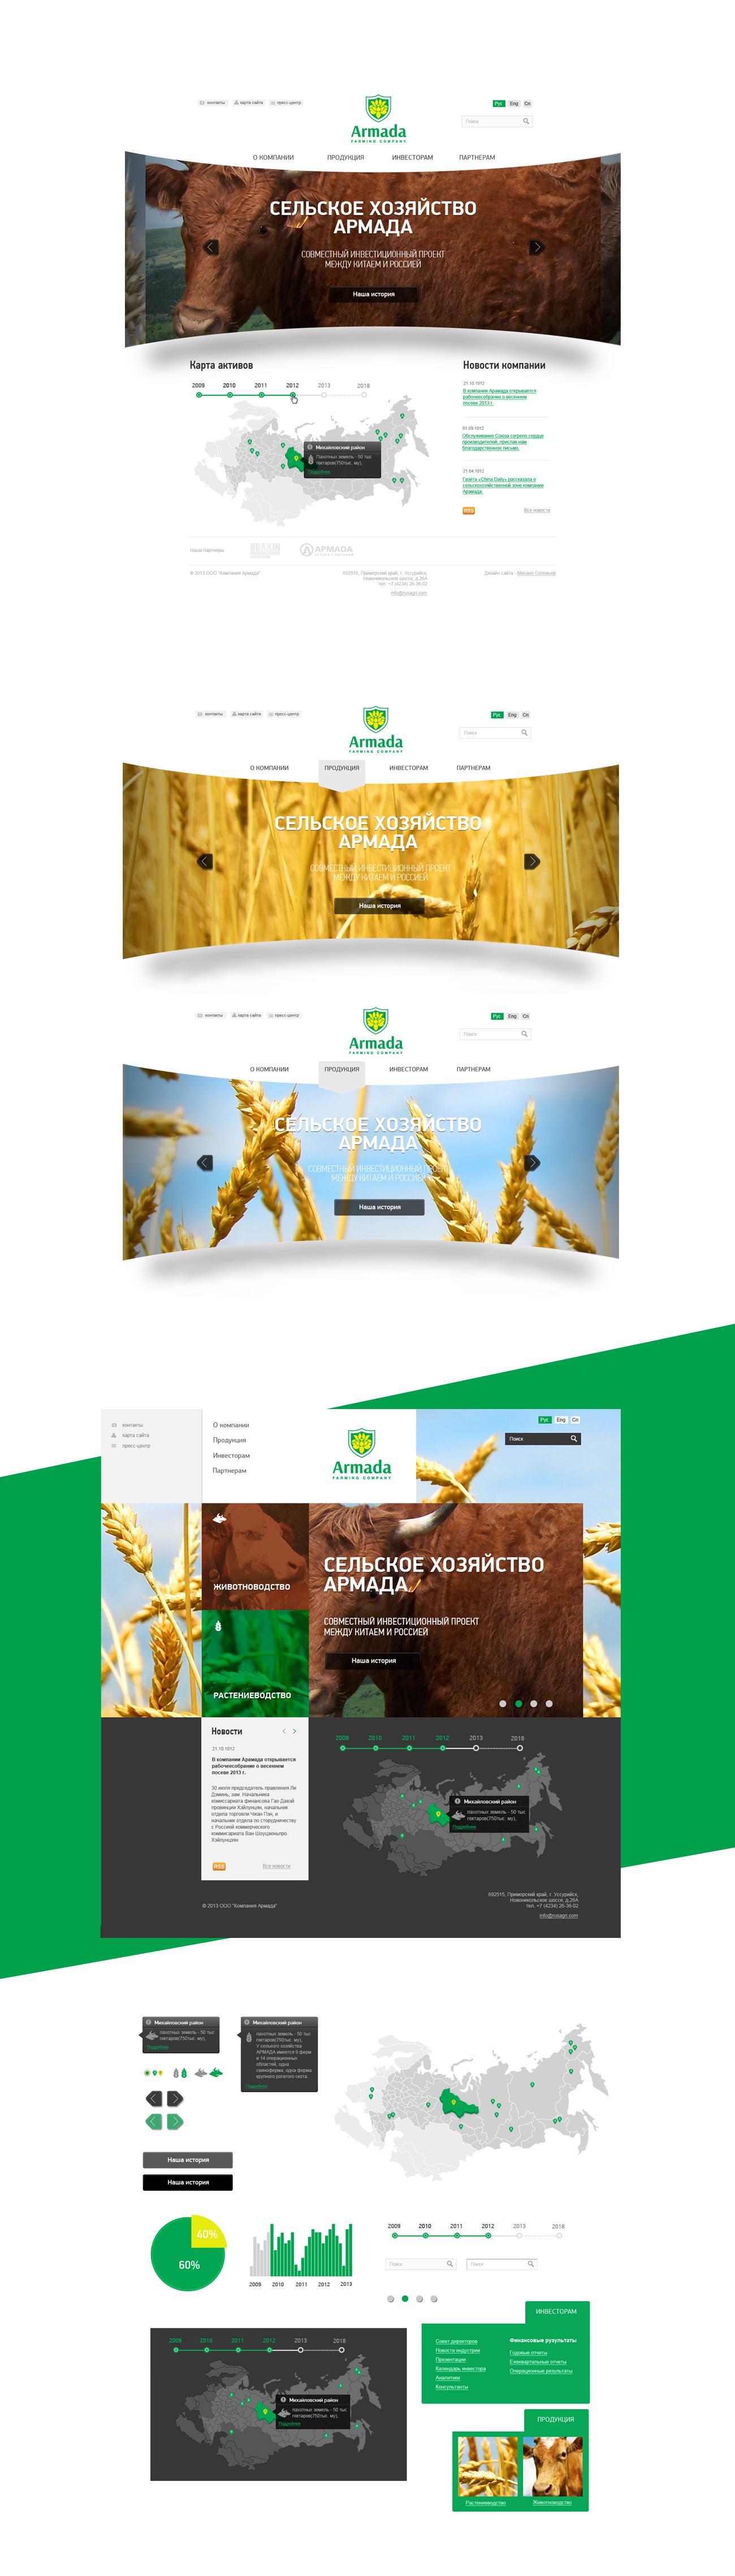 Армада - одна из крупнейших сельскохозяйственных компаний России